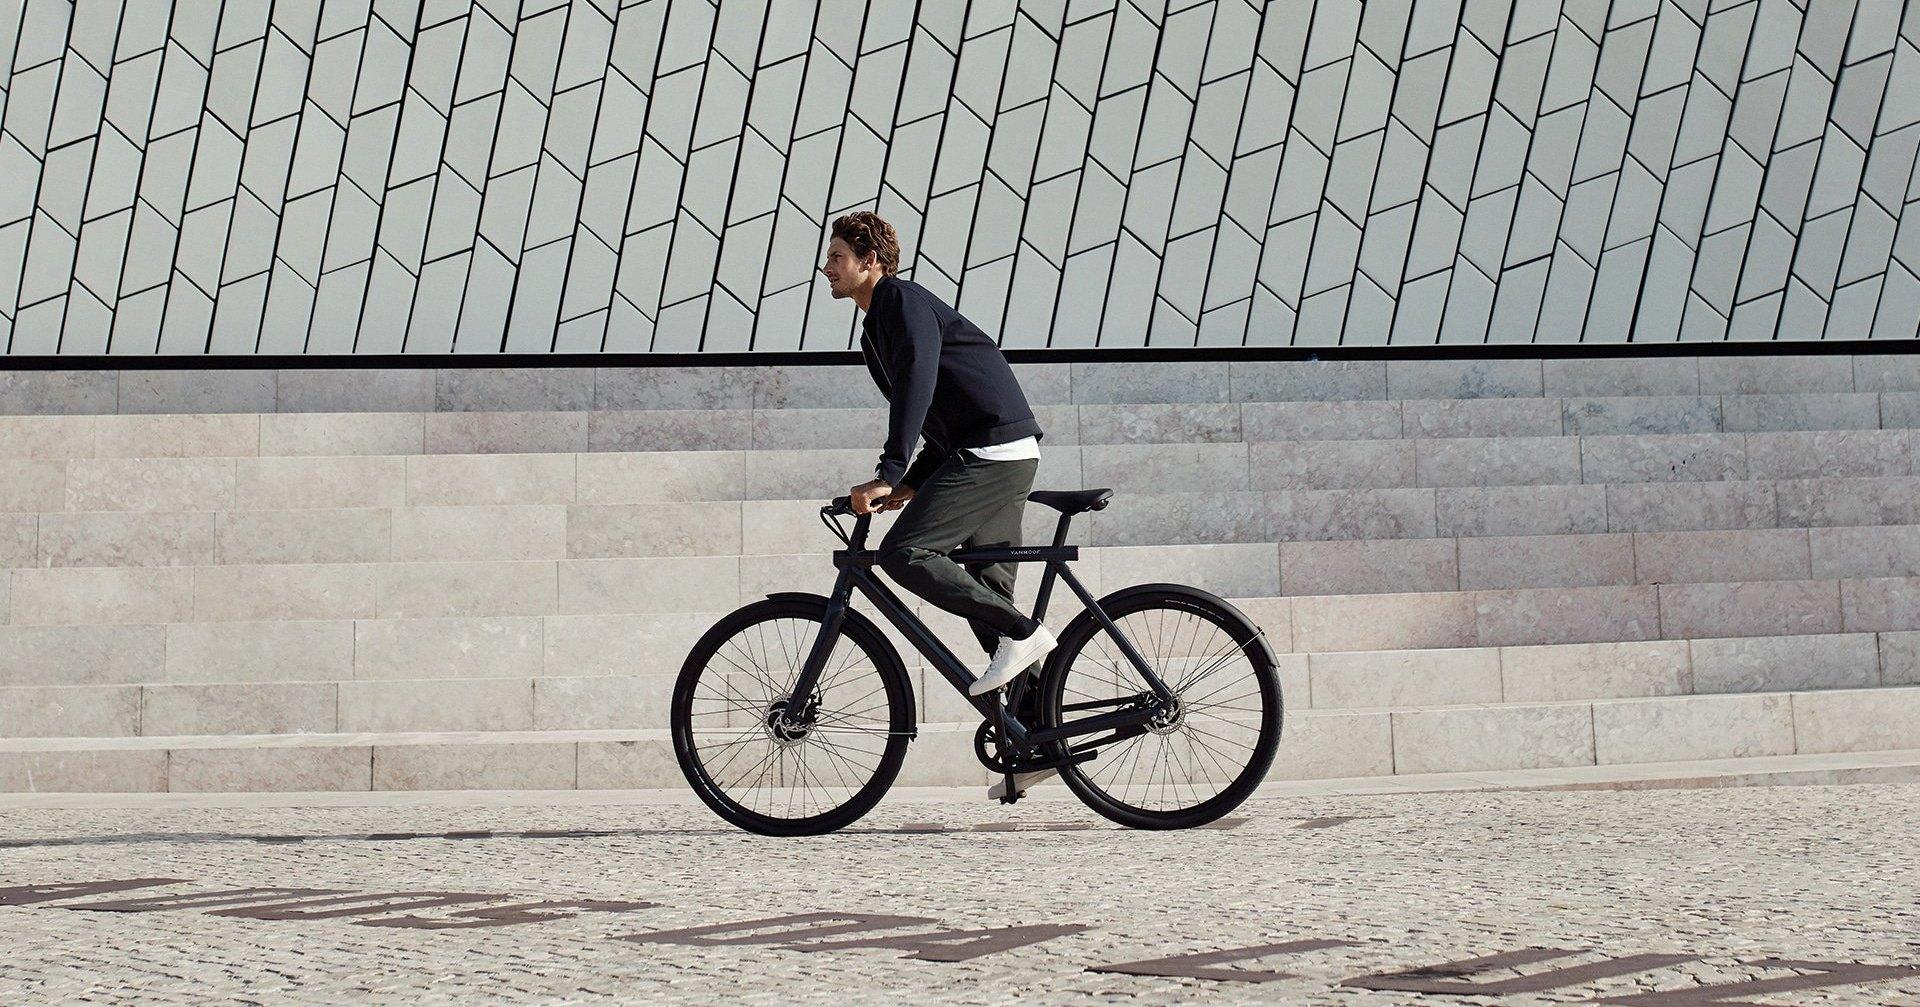 От электробайка к электросамолету: новые виды транспорта приходят в нашу жизнь